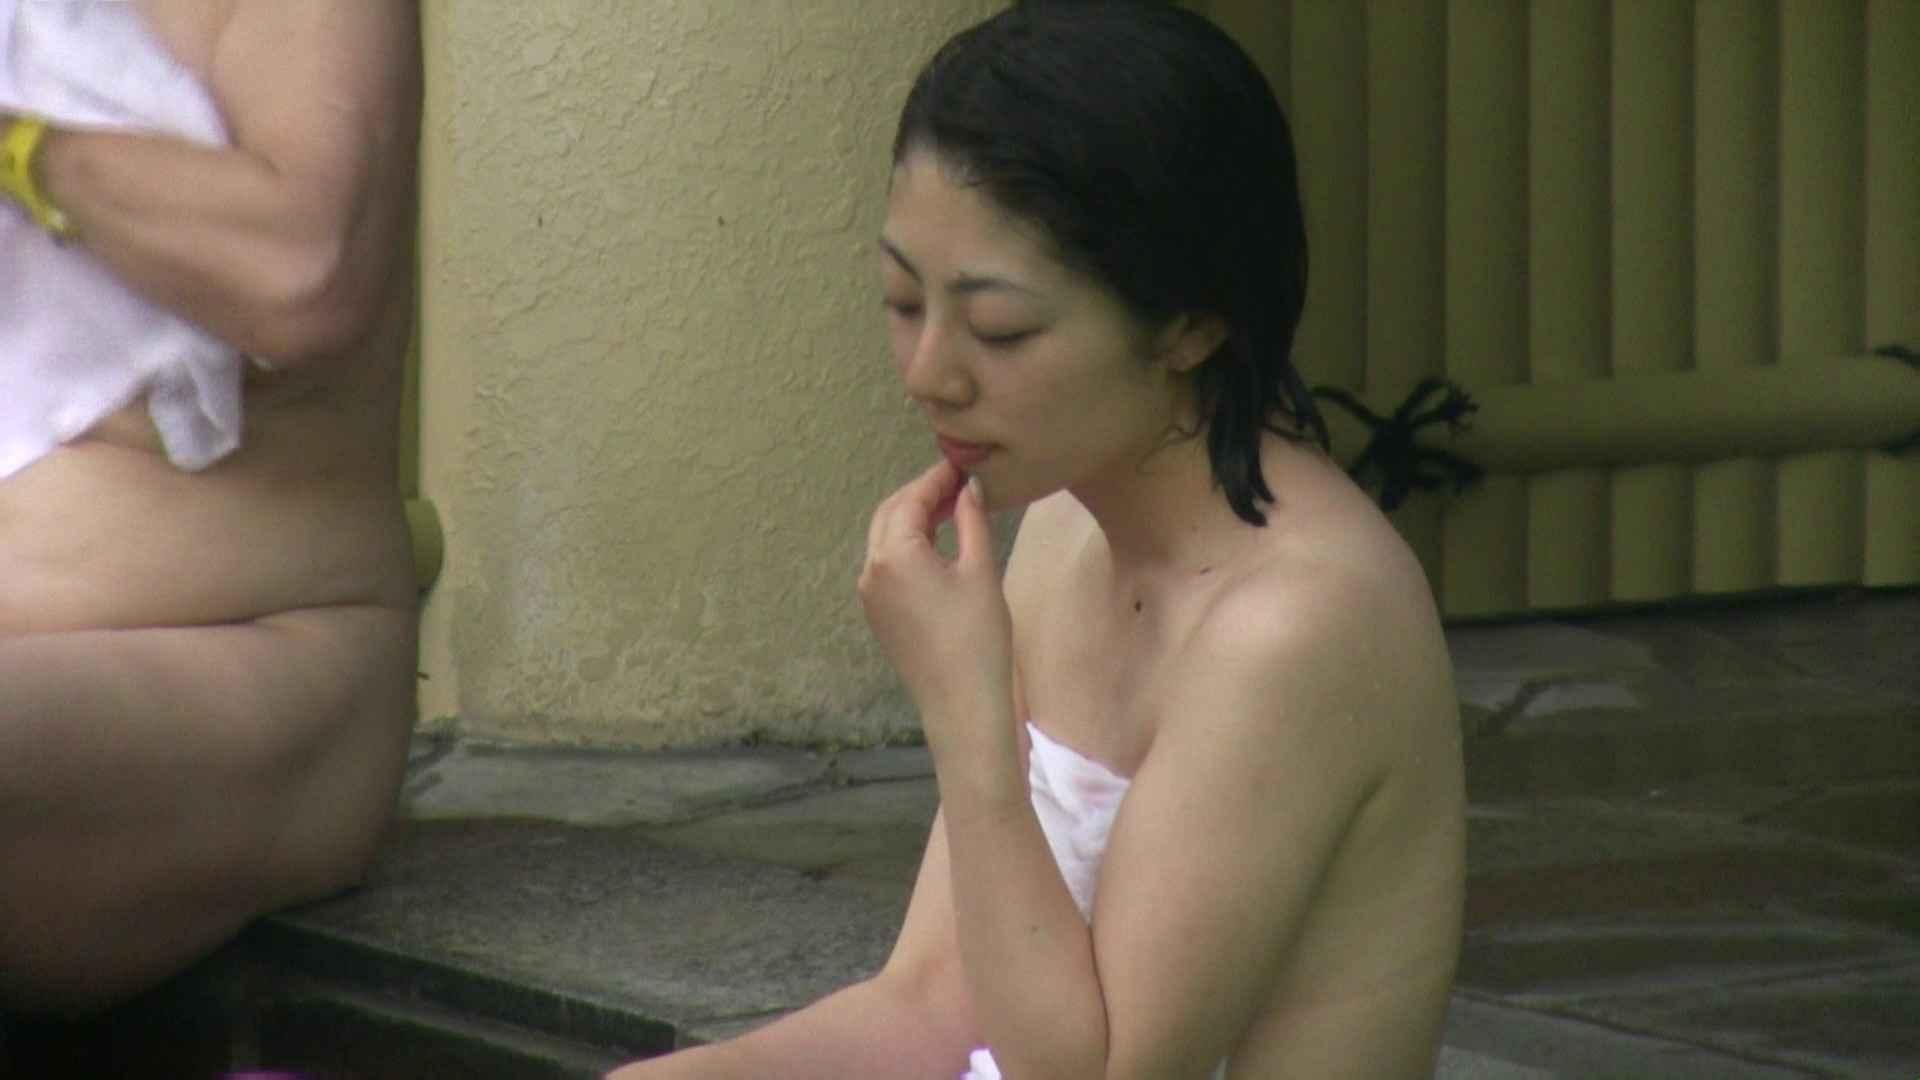 Aquaな露天風呂Vol.04 エッチな盗撮 おまんこ動画流出 84pic 48